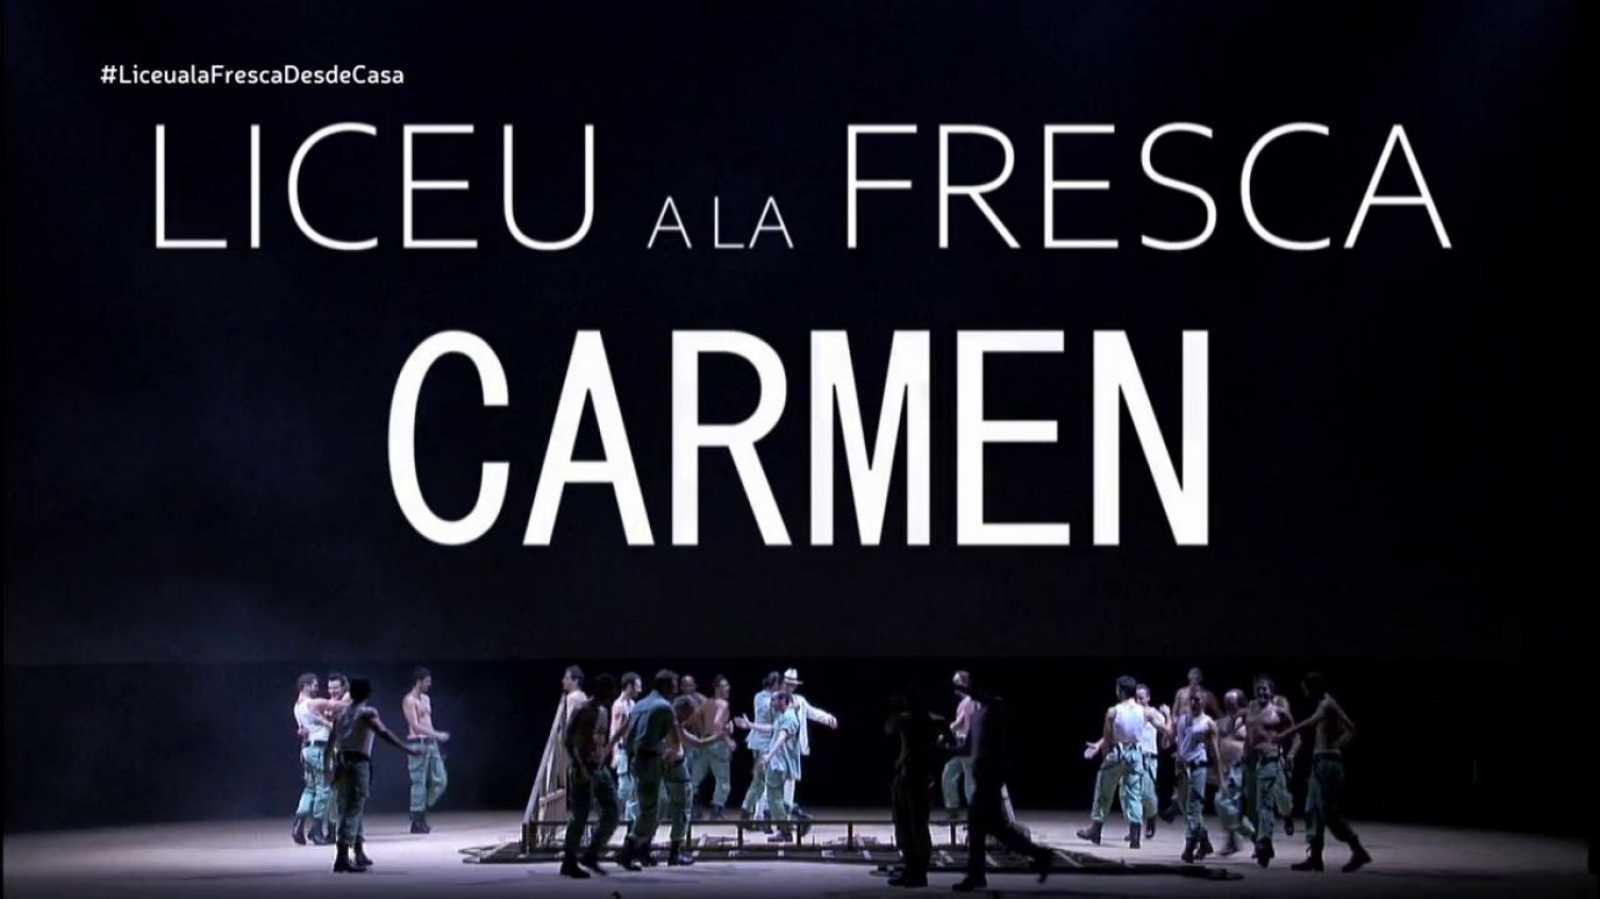 El palco - Liceu a la fresca: Ópera Carmen (presentación) - ver ahora